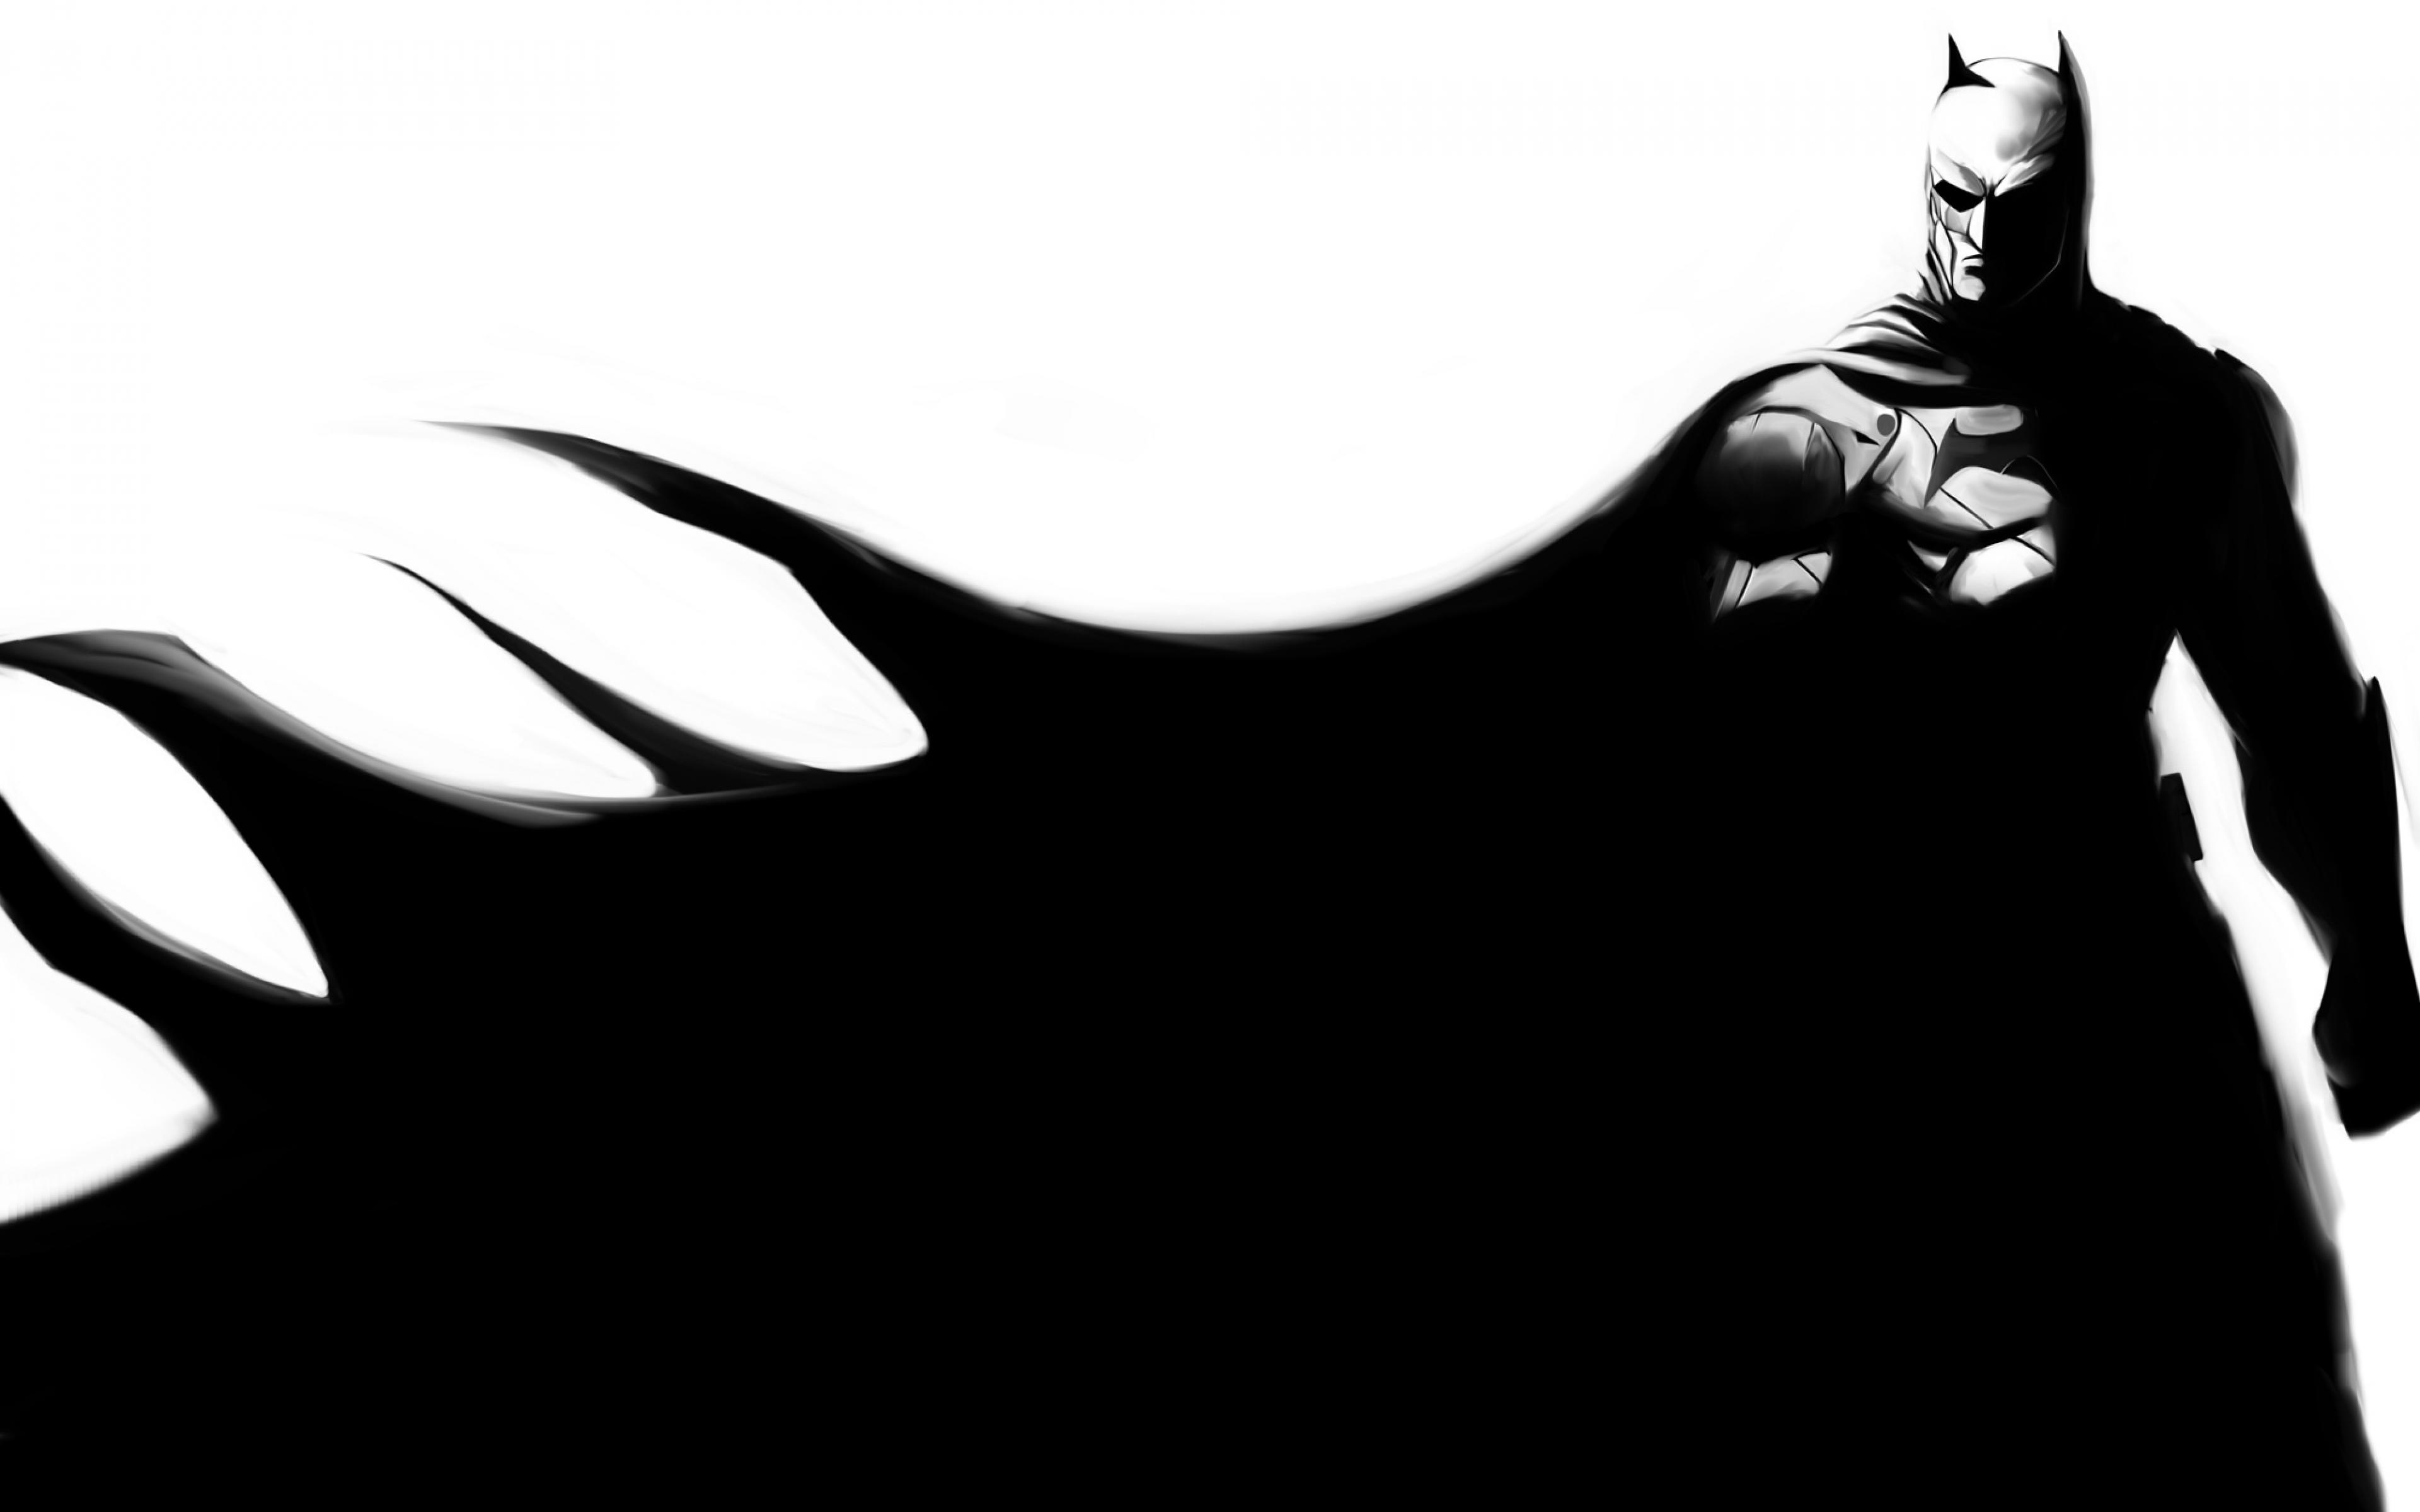 batman artwork widescreen wallpaper background 62798